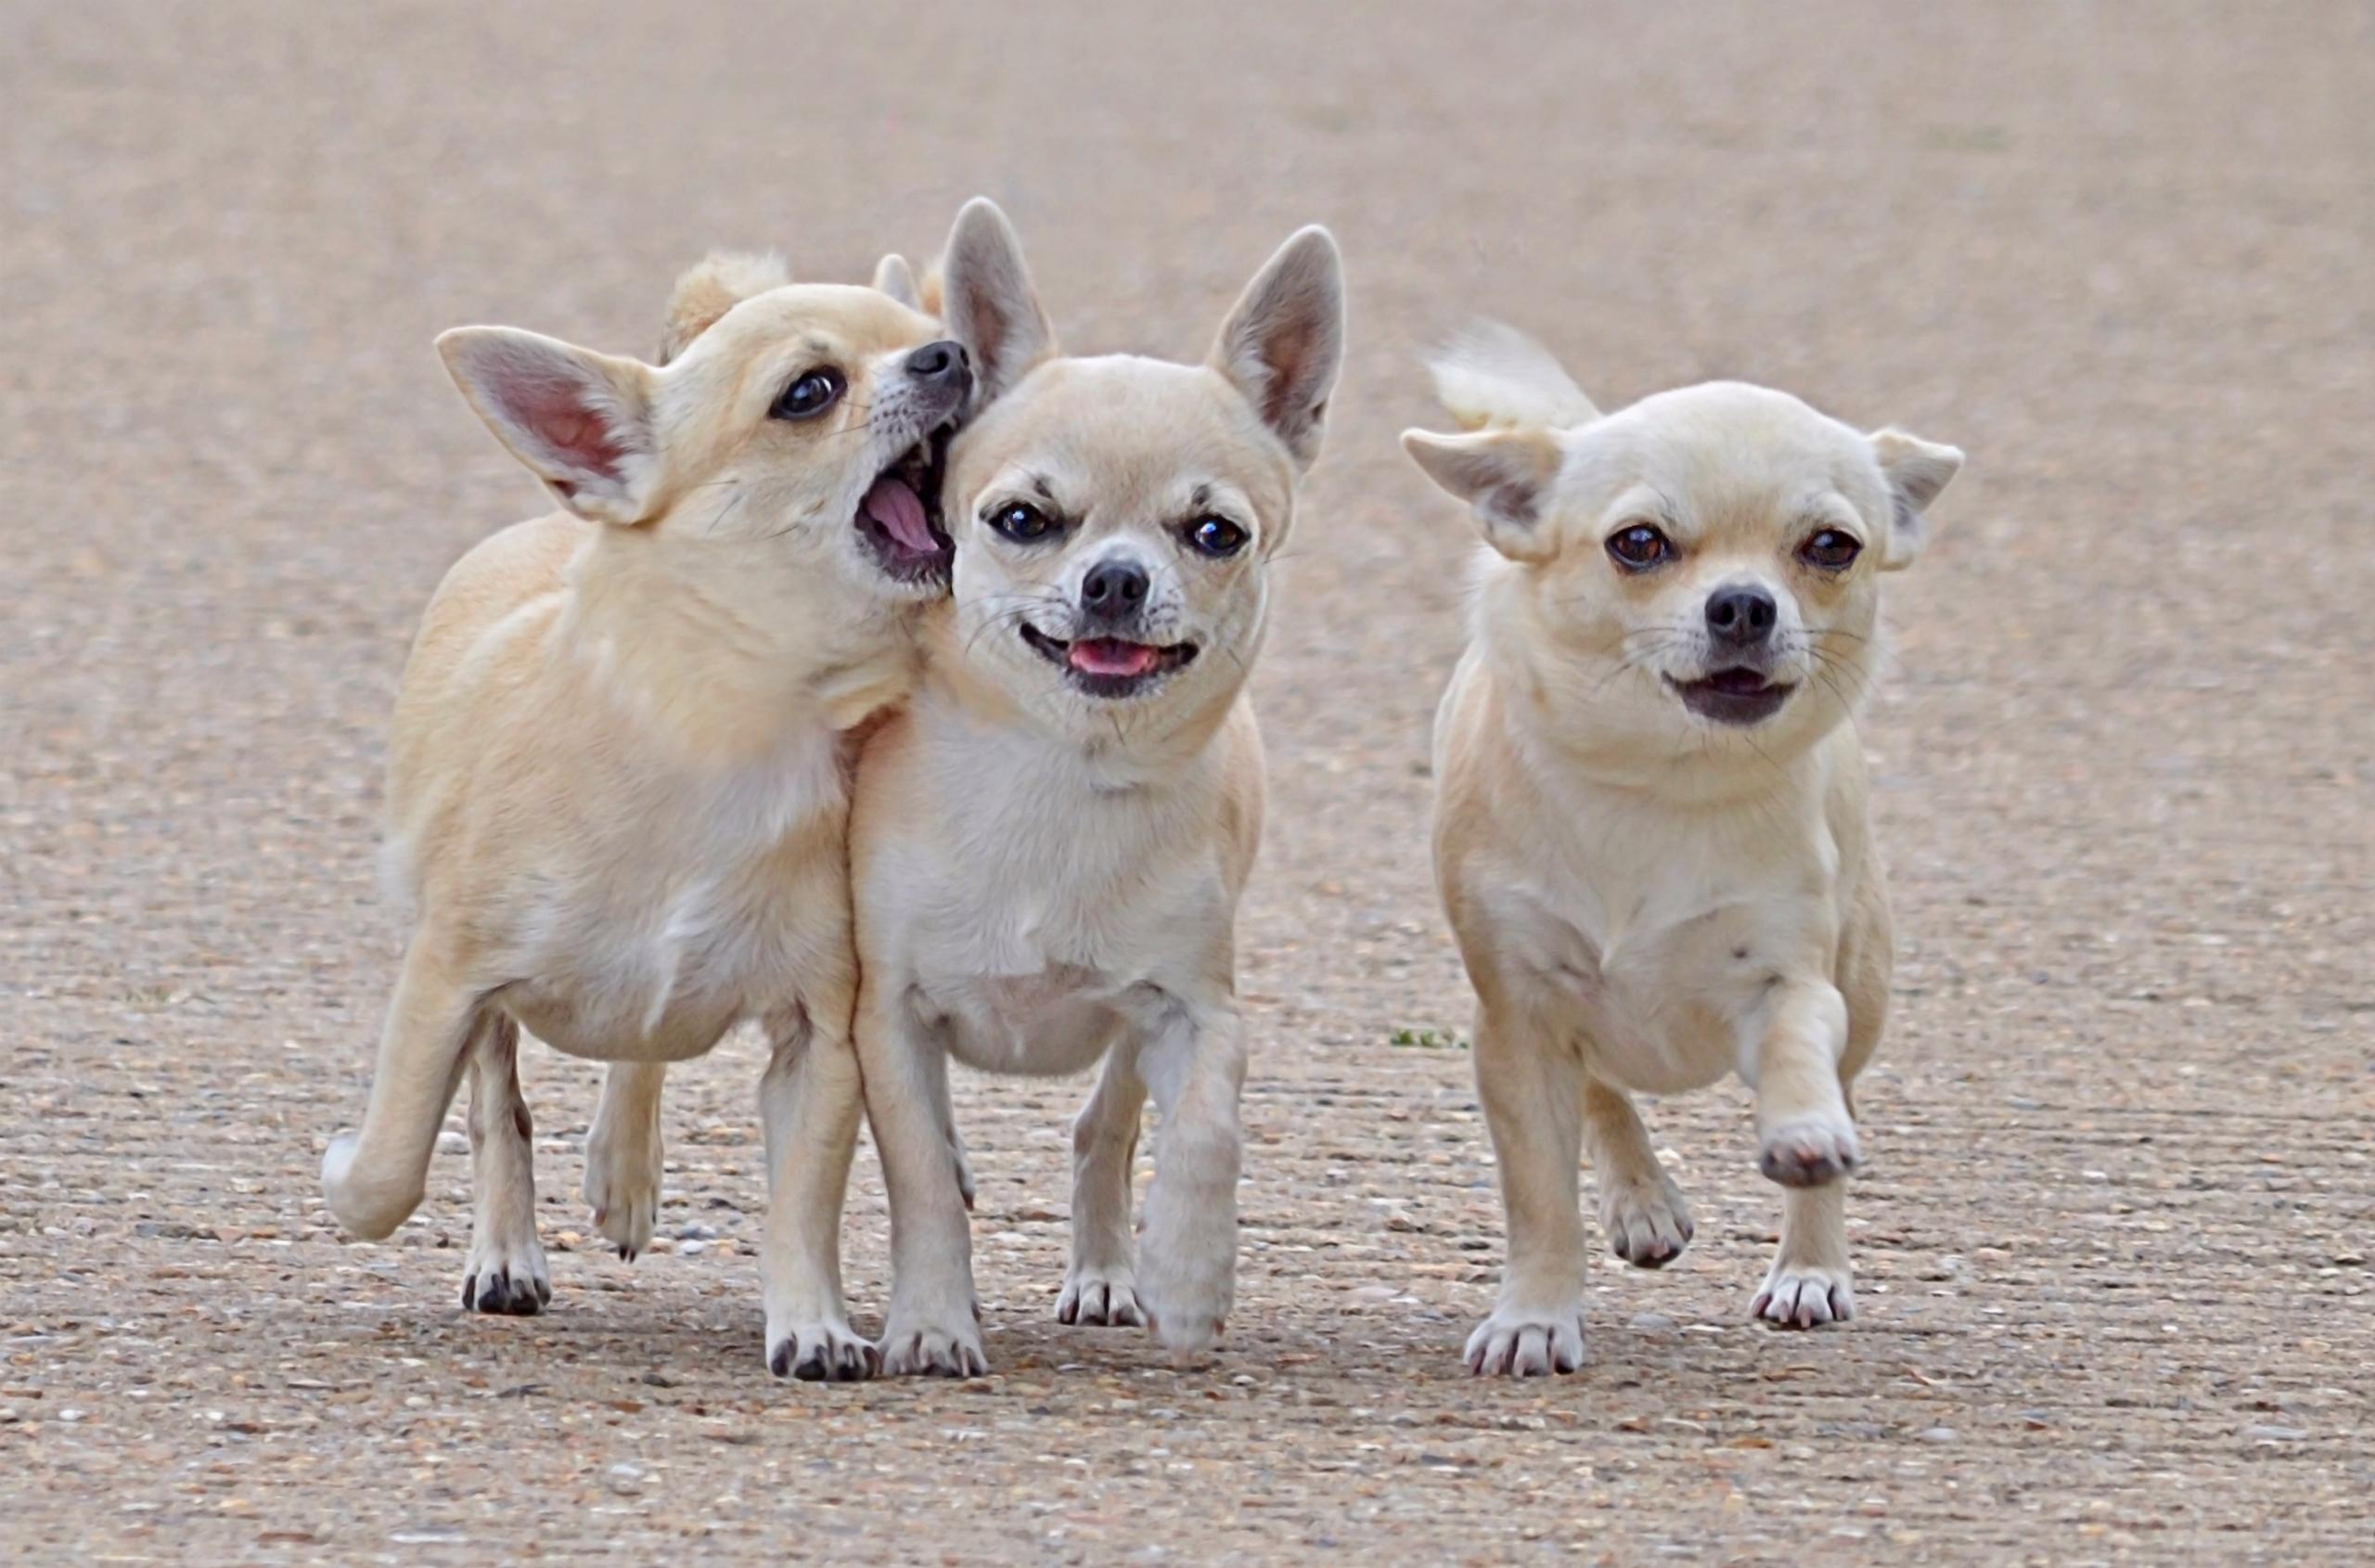 155131 скачать обои Животные, Чихуахуа, Трое, Друзья, Товарищи, Собаки, Прогулка - заставки и картинки бесплатно